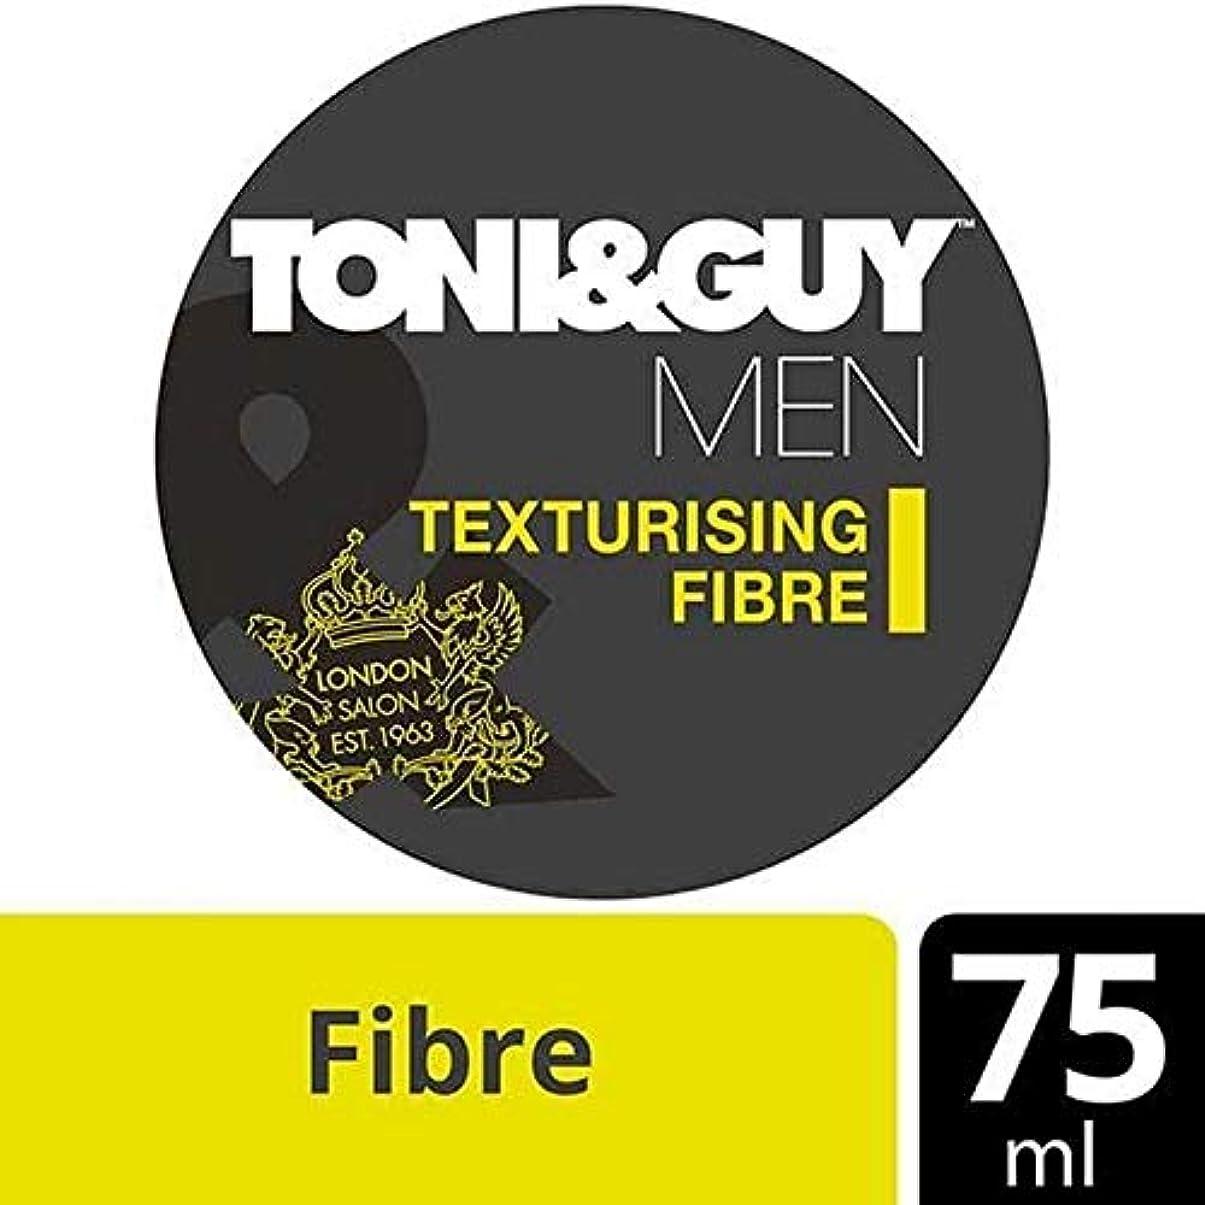 授業料規範労働[Toni & Guy] トニ&男テクスチャー繊維 - Toni & Guy Texturising Fibre [並行輸入品]